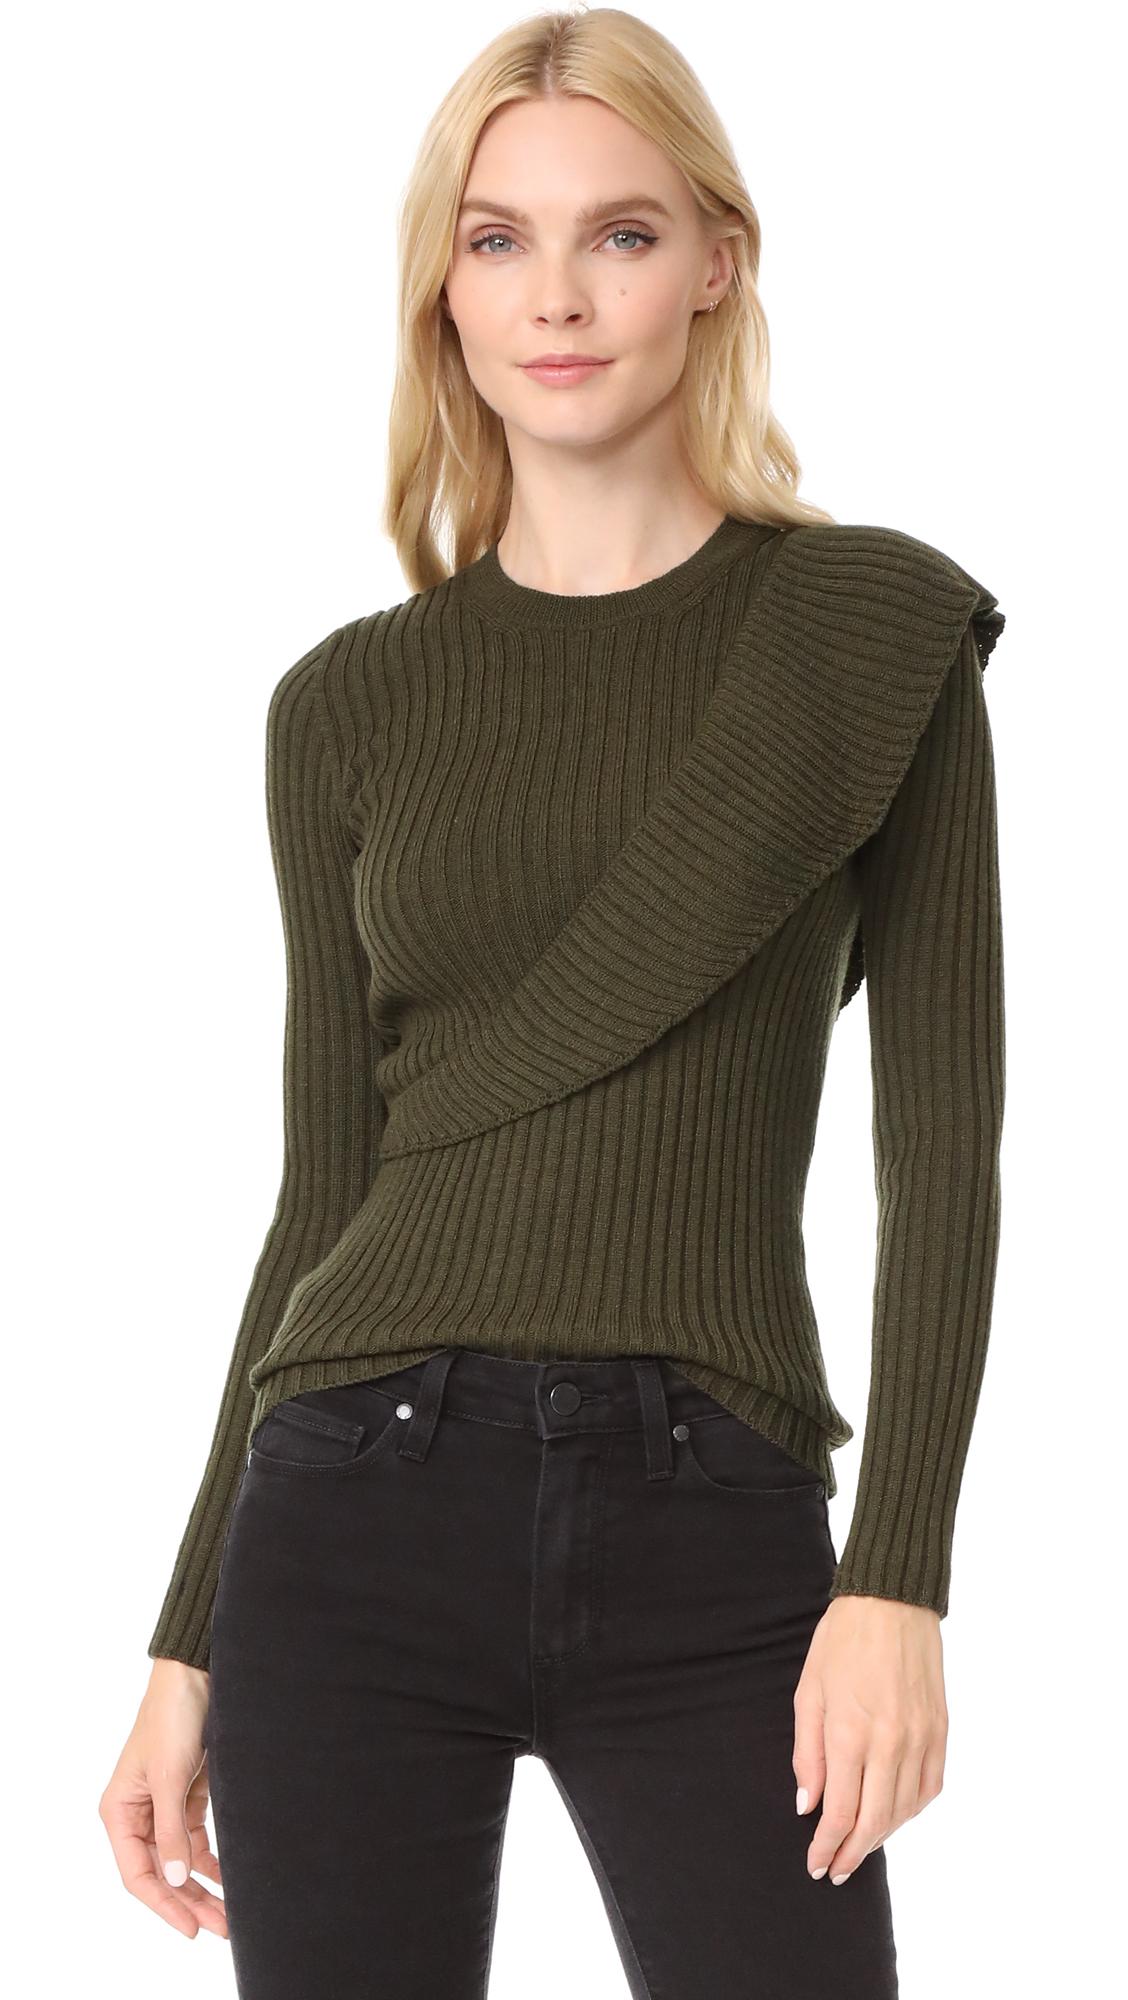 Fuzzi Ruffle Sweater